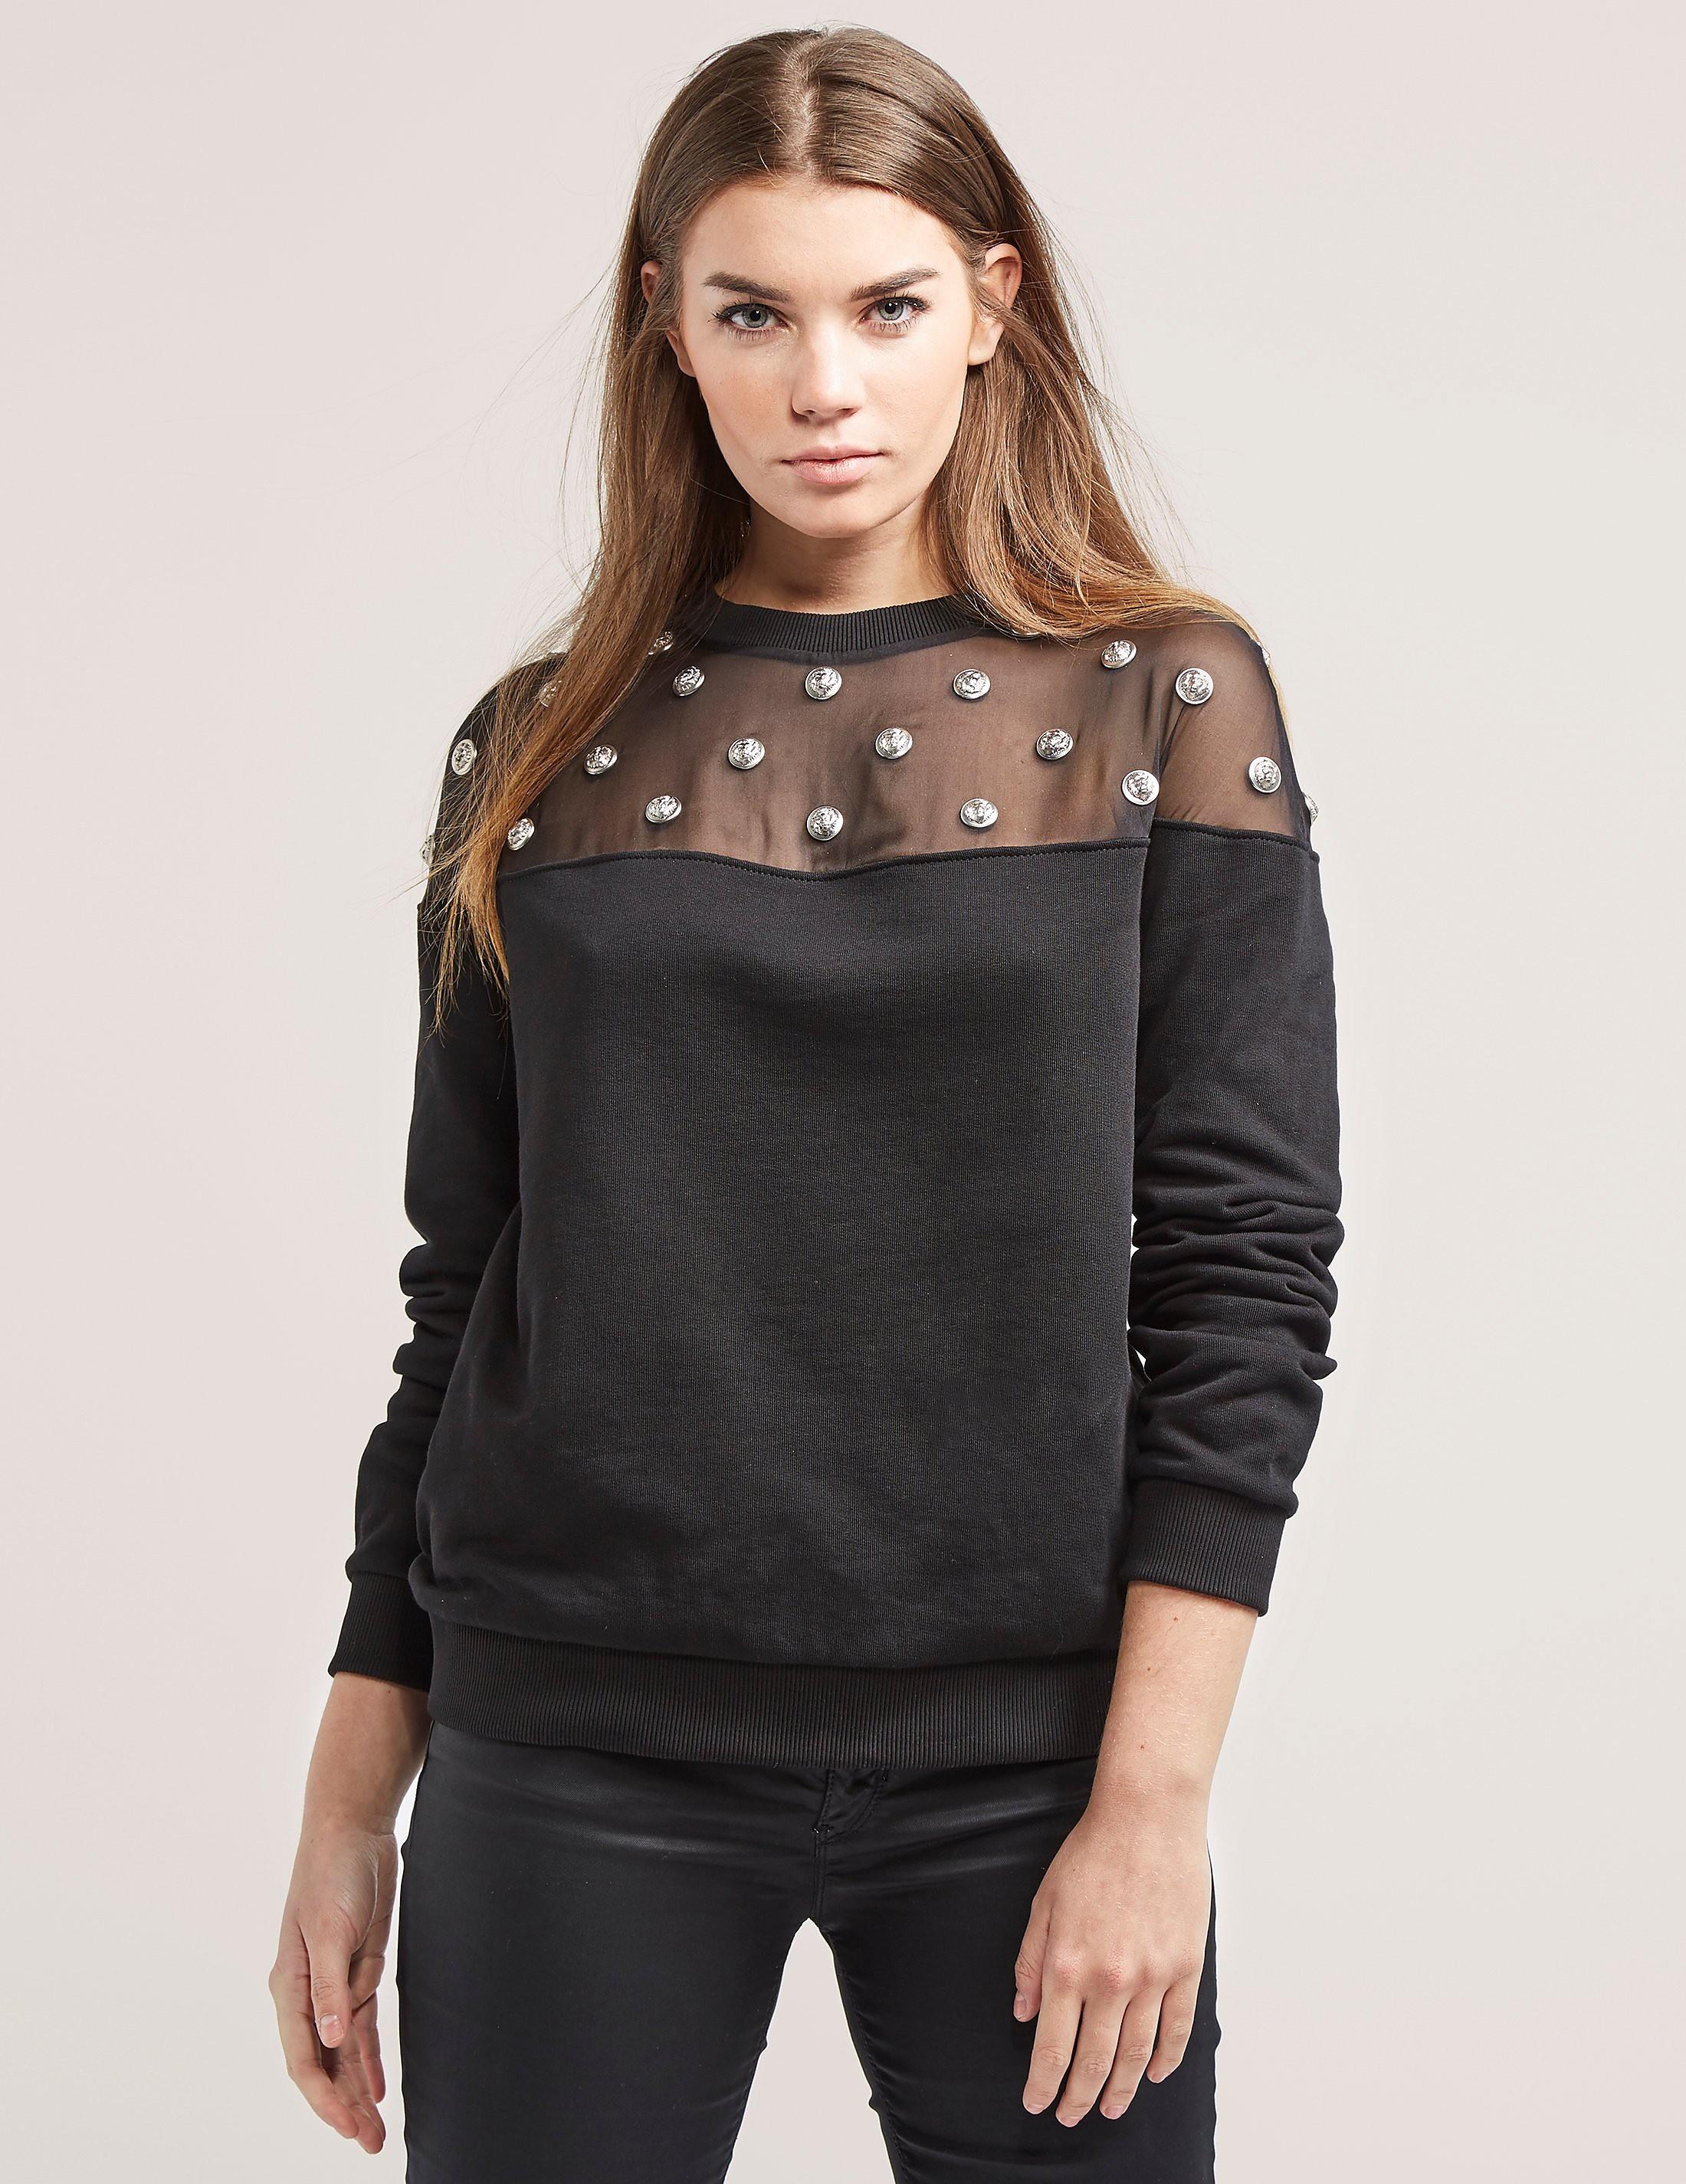 Versus Versace Lion Mesh Sweater